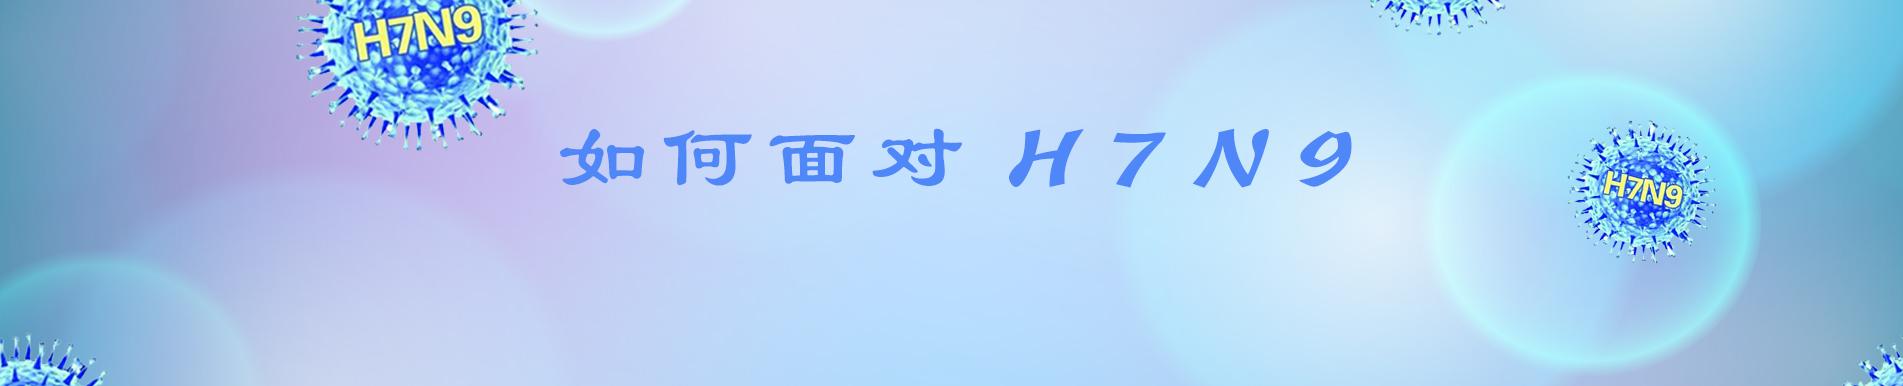 如何面对H7N9